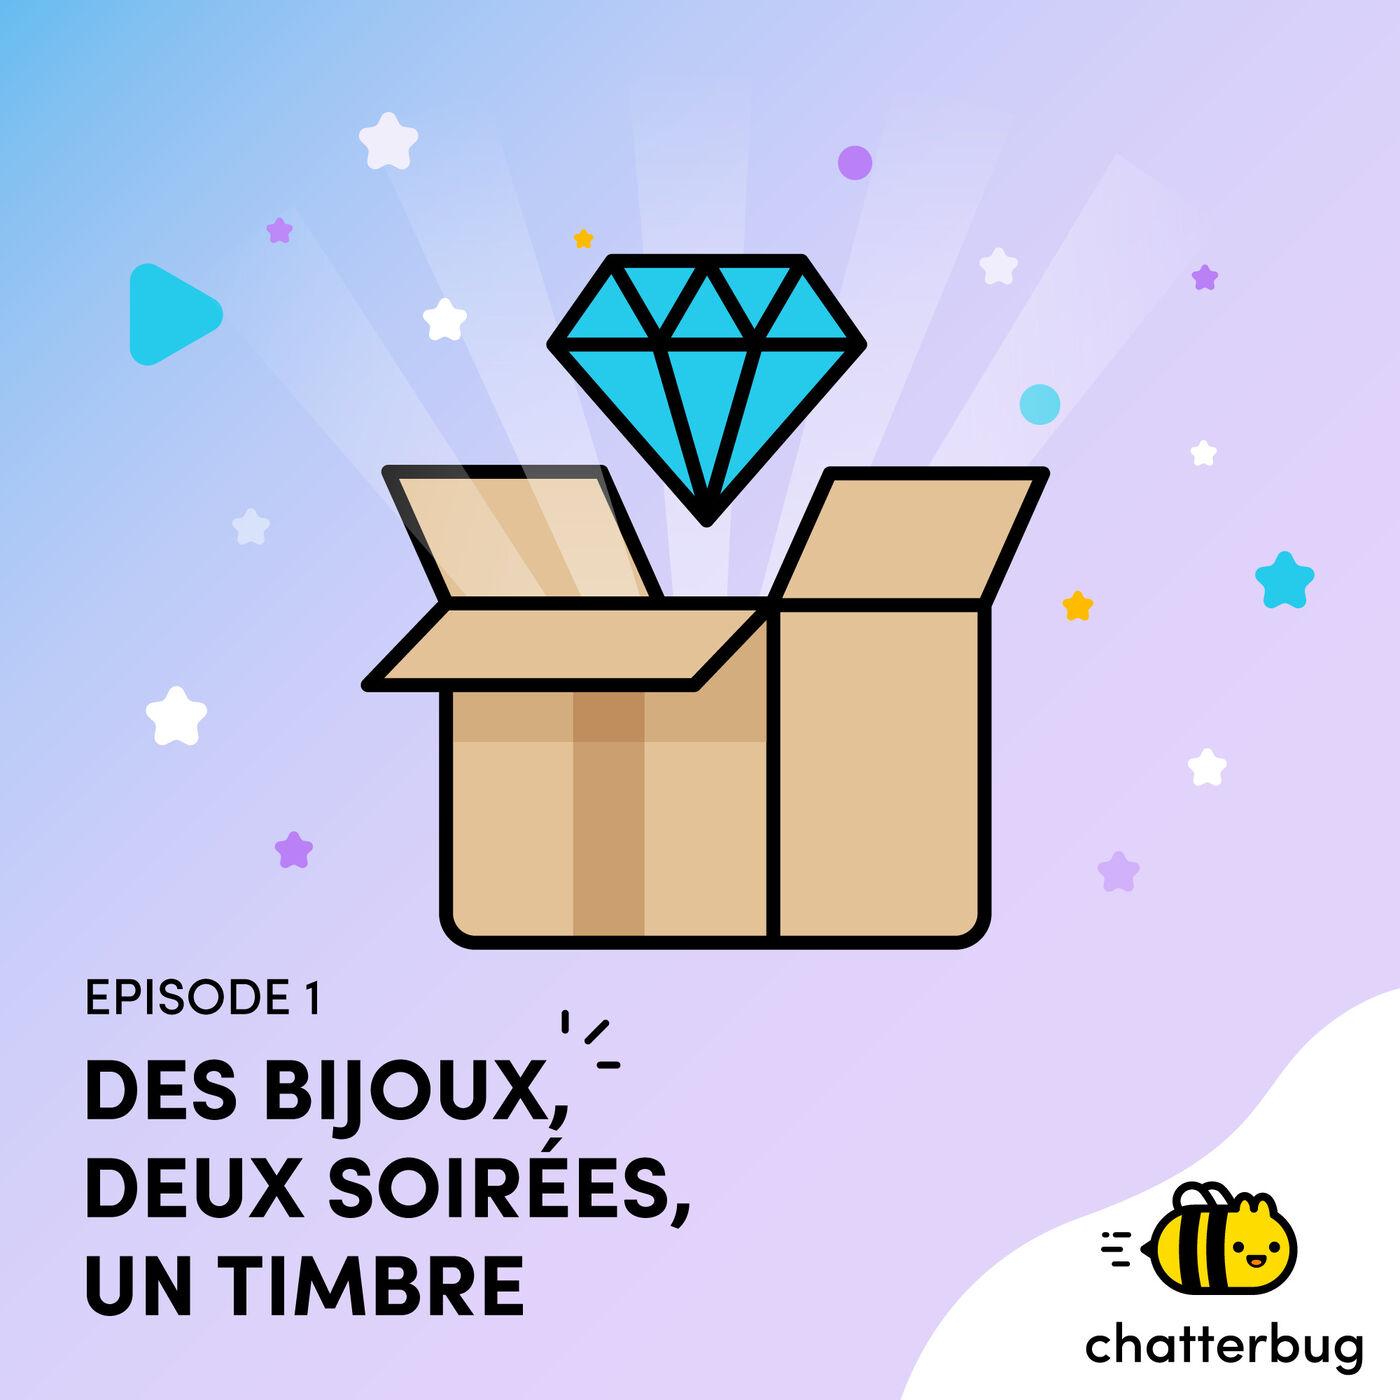 Episode 1 - Des bijoux, deux soirées, un timbre